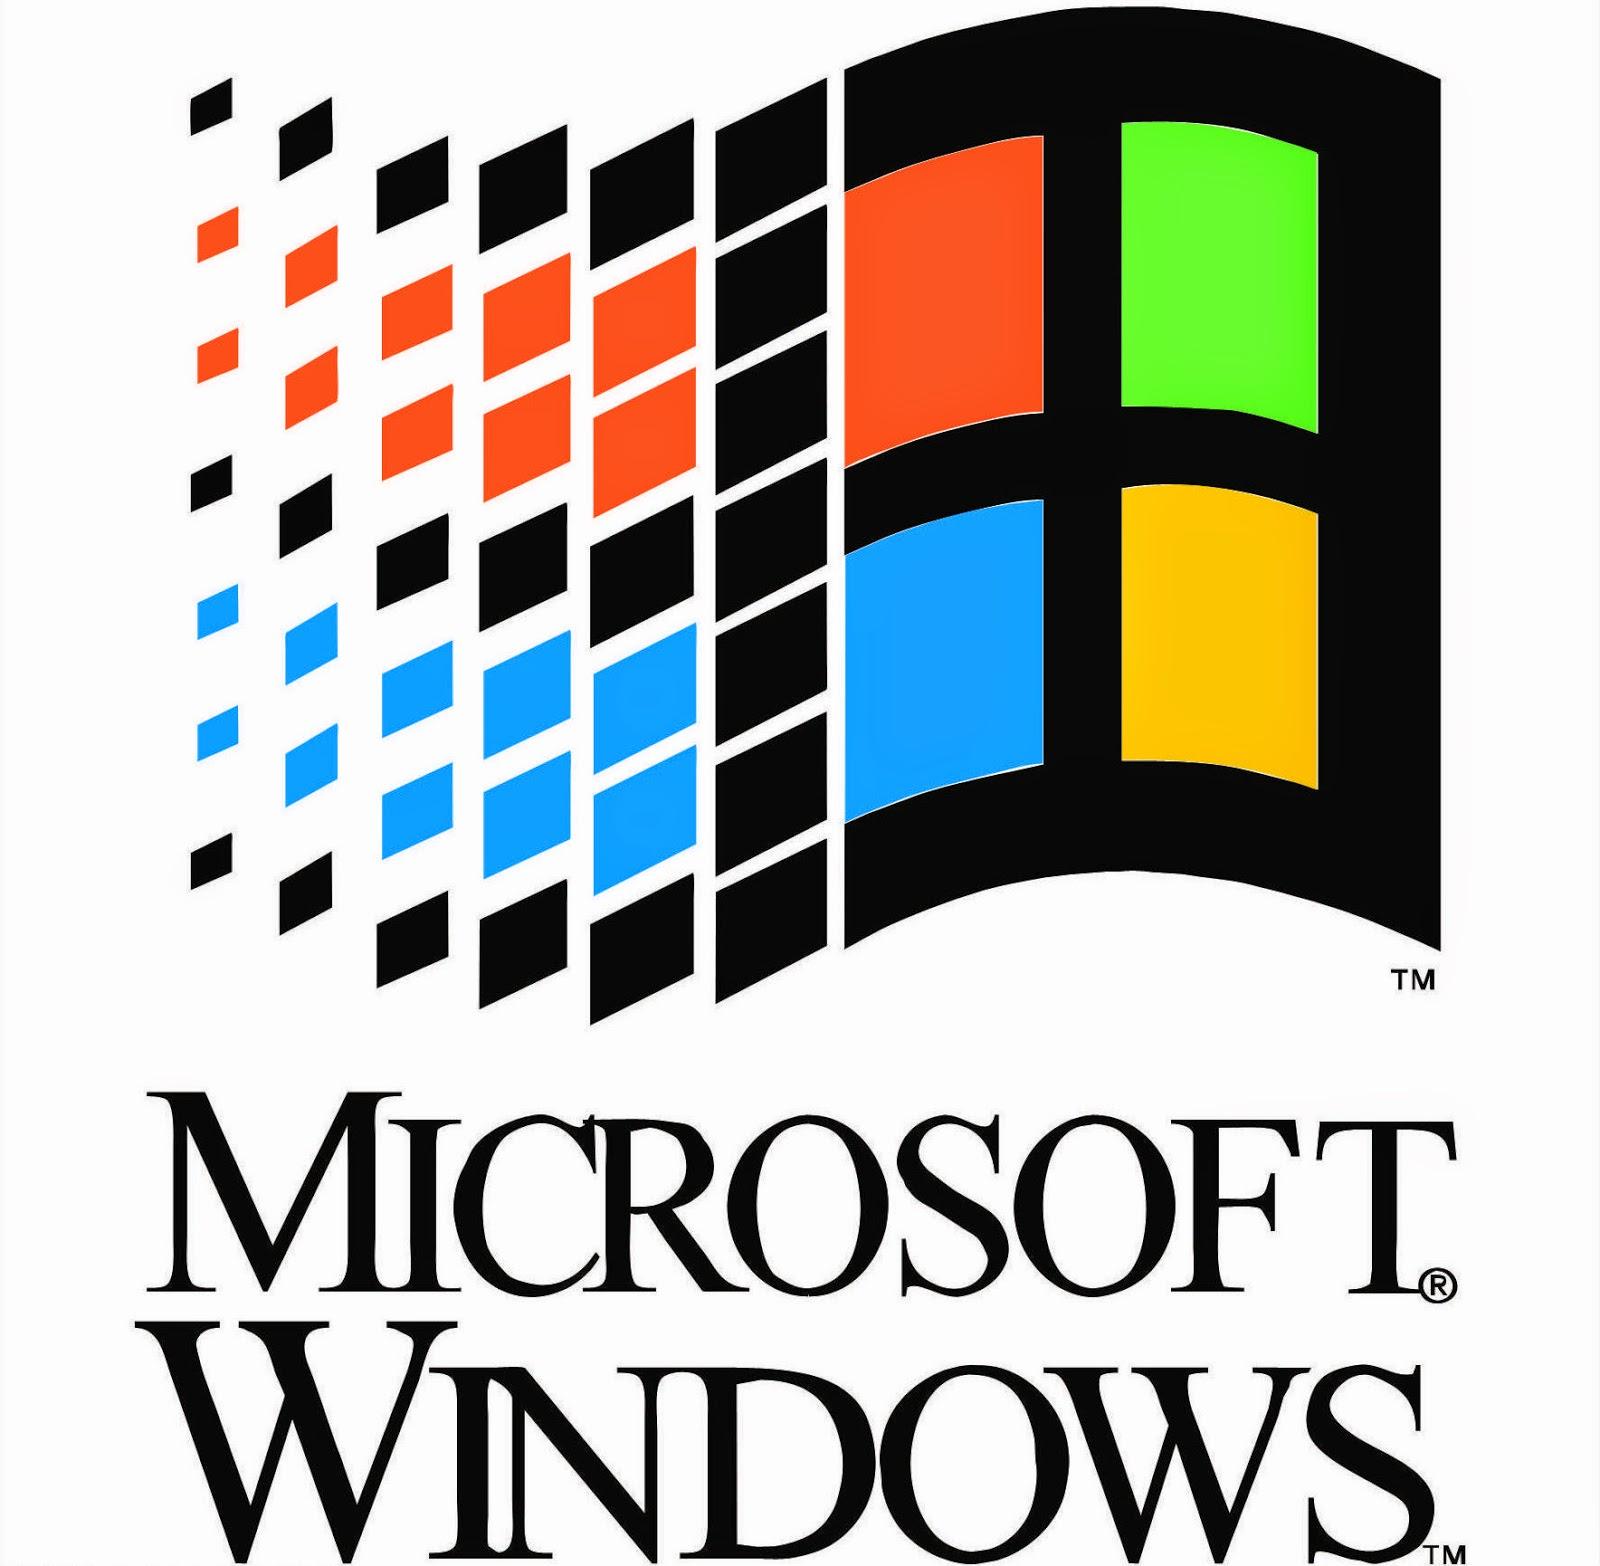 http://3.bp.blogspot.com/-rB9w-O1AJbU/U5v2gcE_WkI/AAAAAAAAEMM/6WjjoKpT1aY/s1600/Microsoft%2520Windows%252098%2520logos.jpg